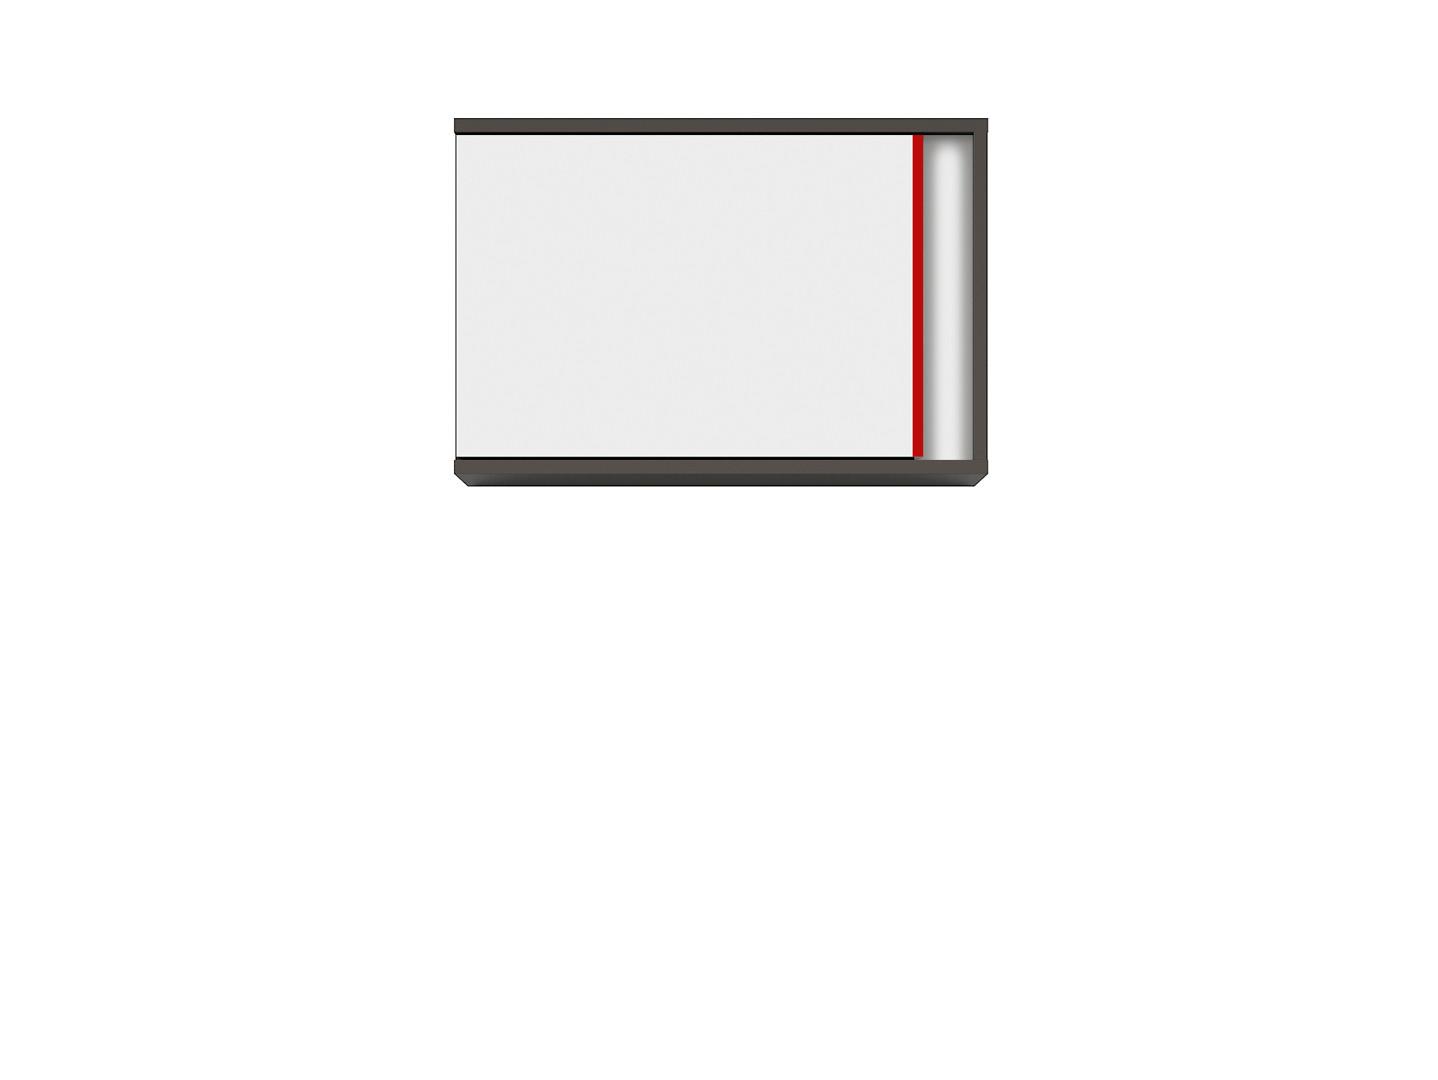 Závesná skrinka GRAPHIC SFW1DL/B sivý wolfram/biely/červený